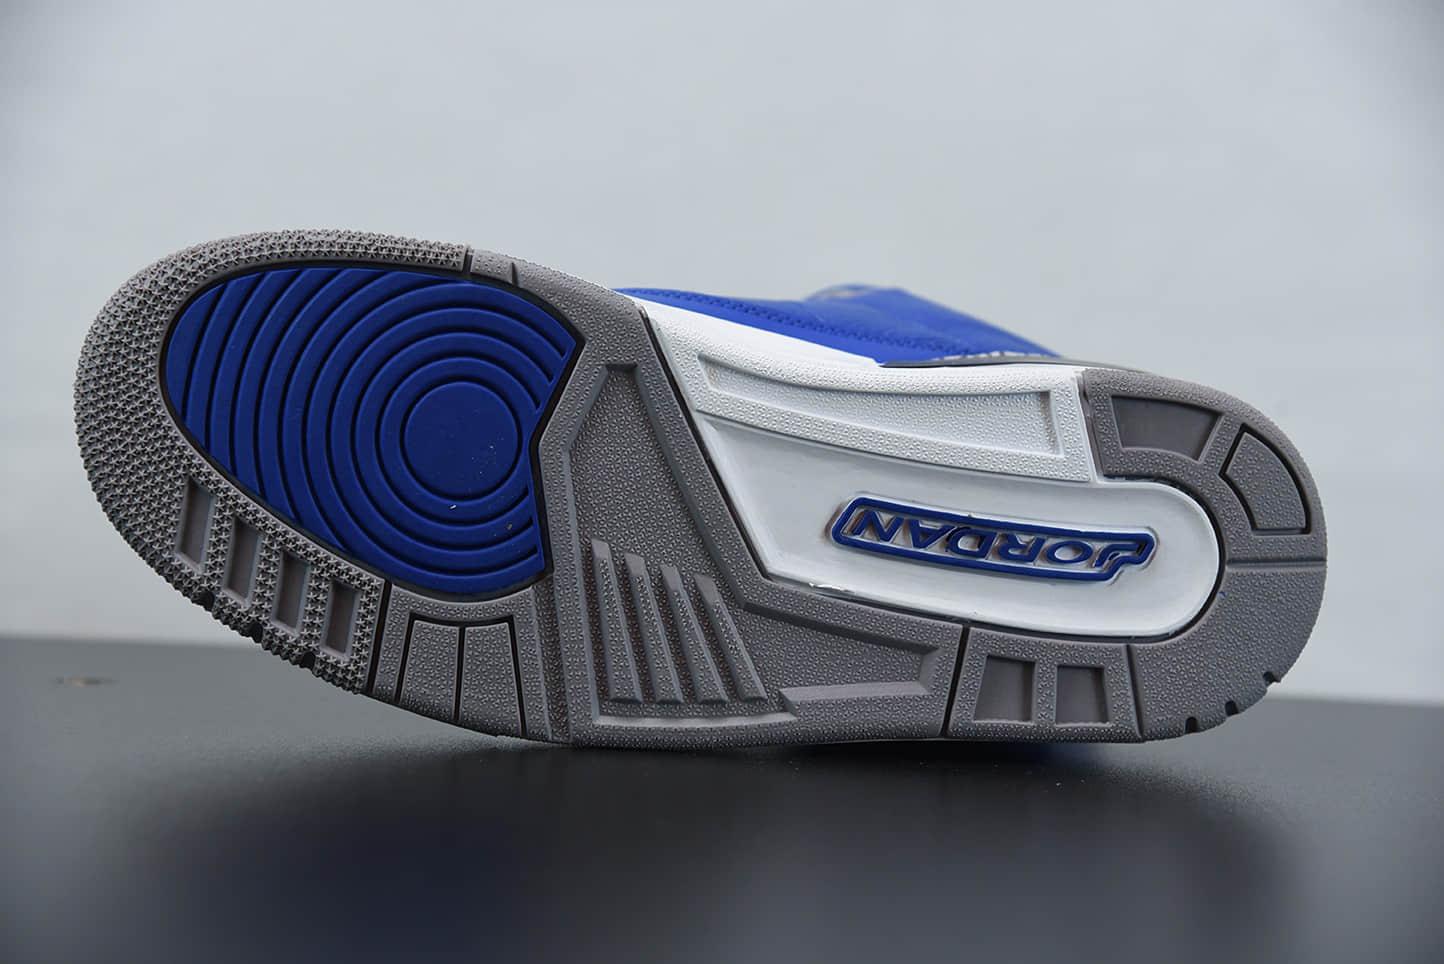 乔丹Air Jordan 3 Retro Blue Cement荔枝纹黑蓝水泥男子文化篮球鞋纯原版本 货号:CT8532-400